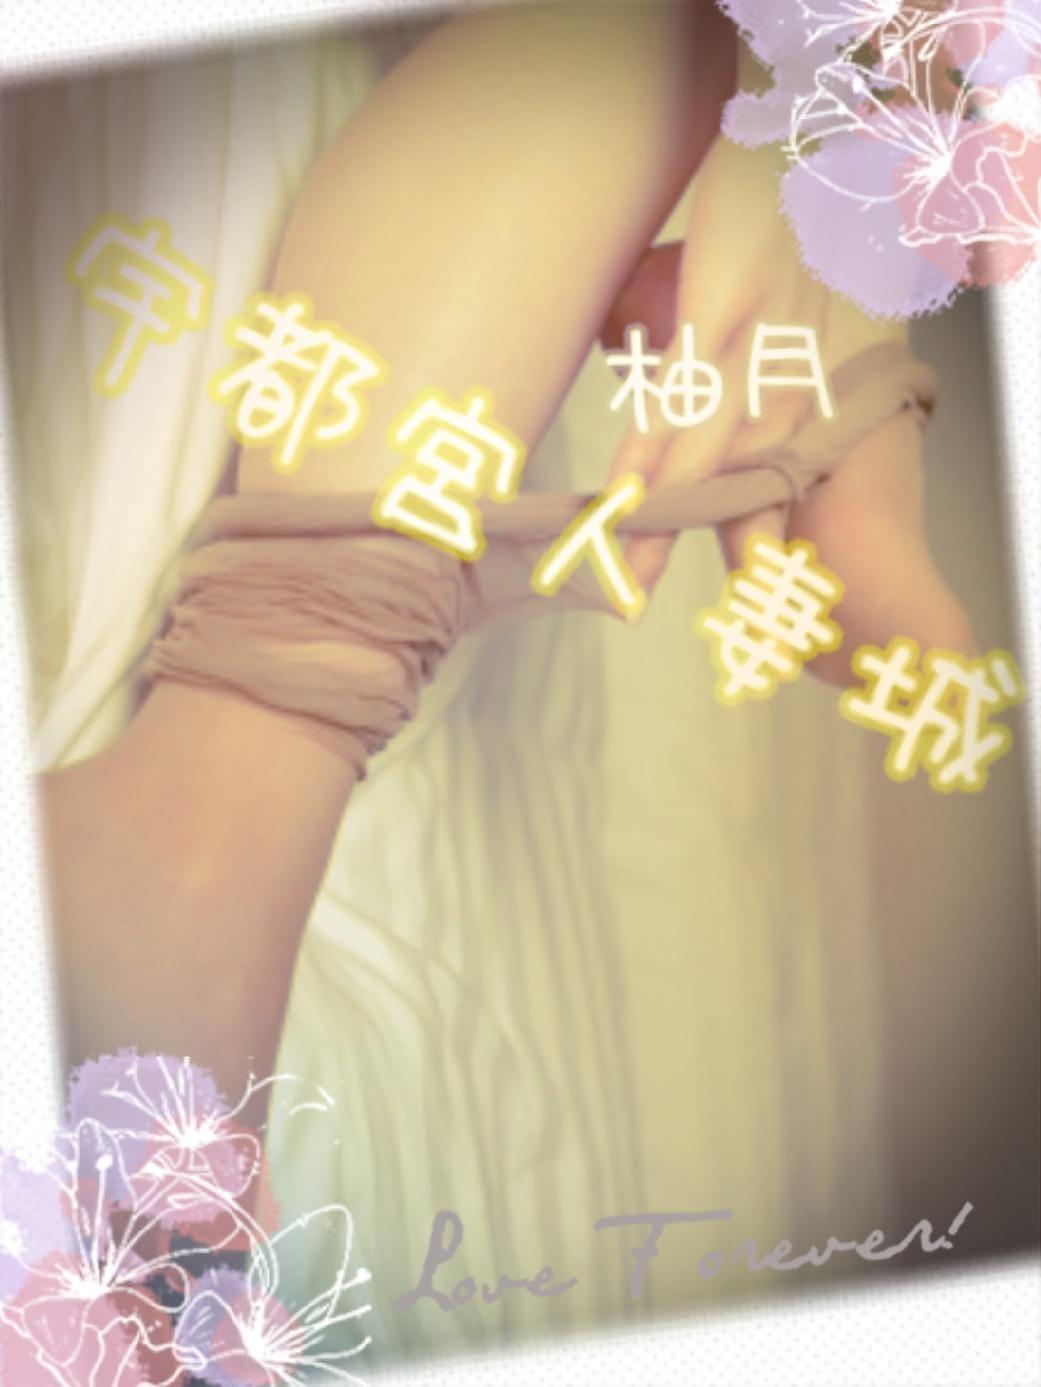 「10センチ...」12/11(火) 00:30   柚月の写メ・風俗動画